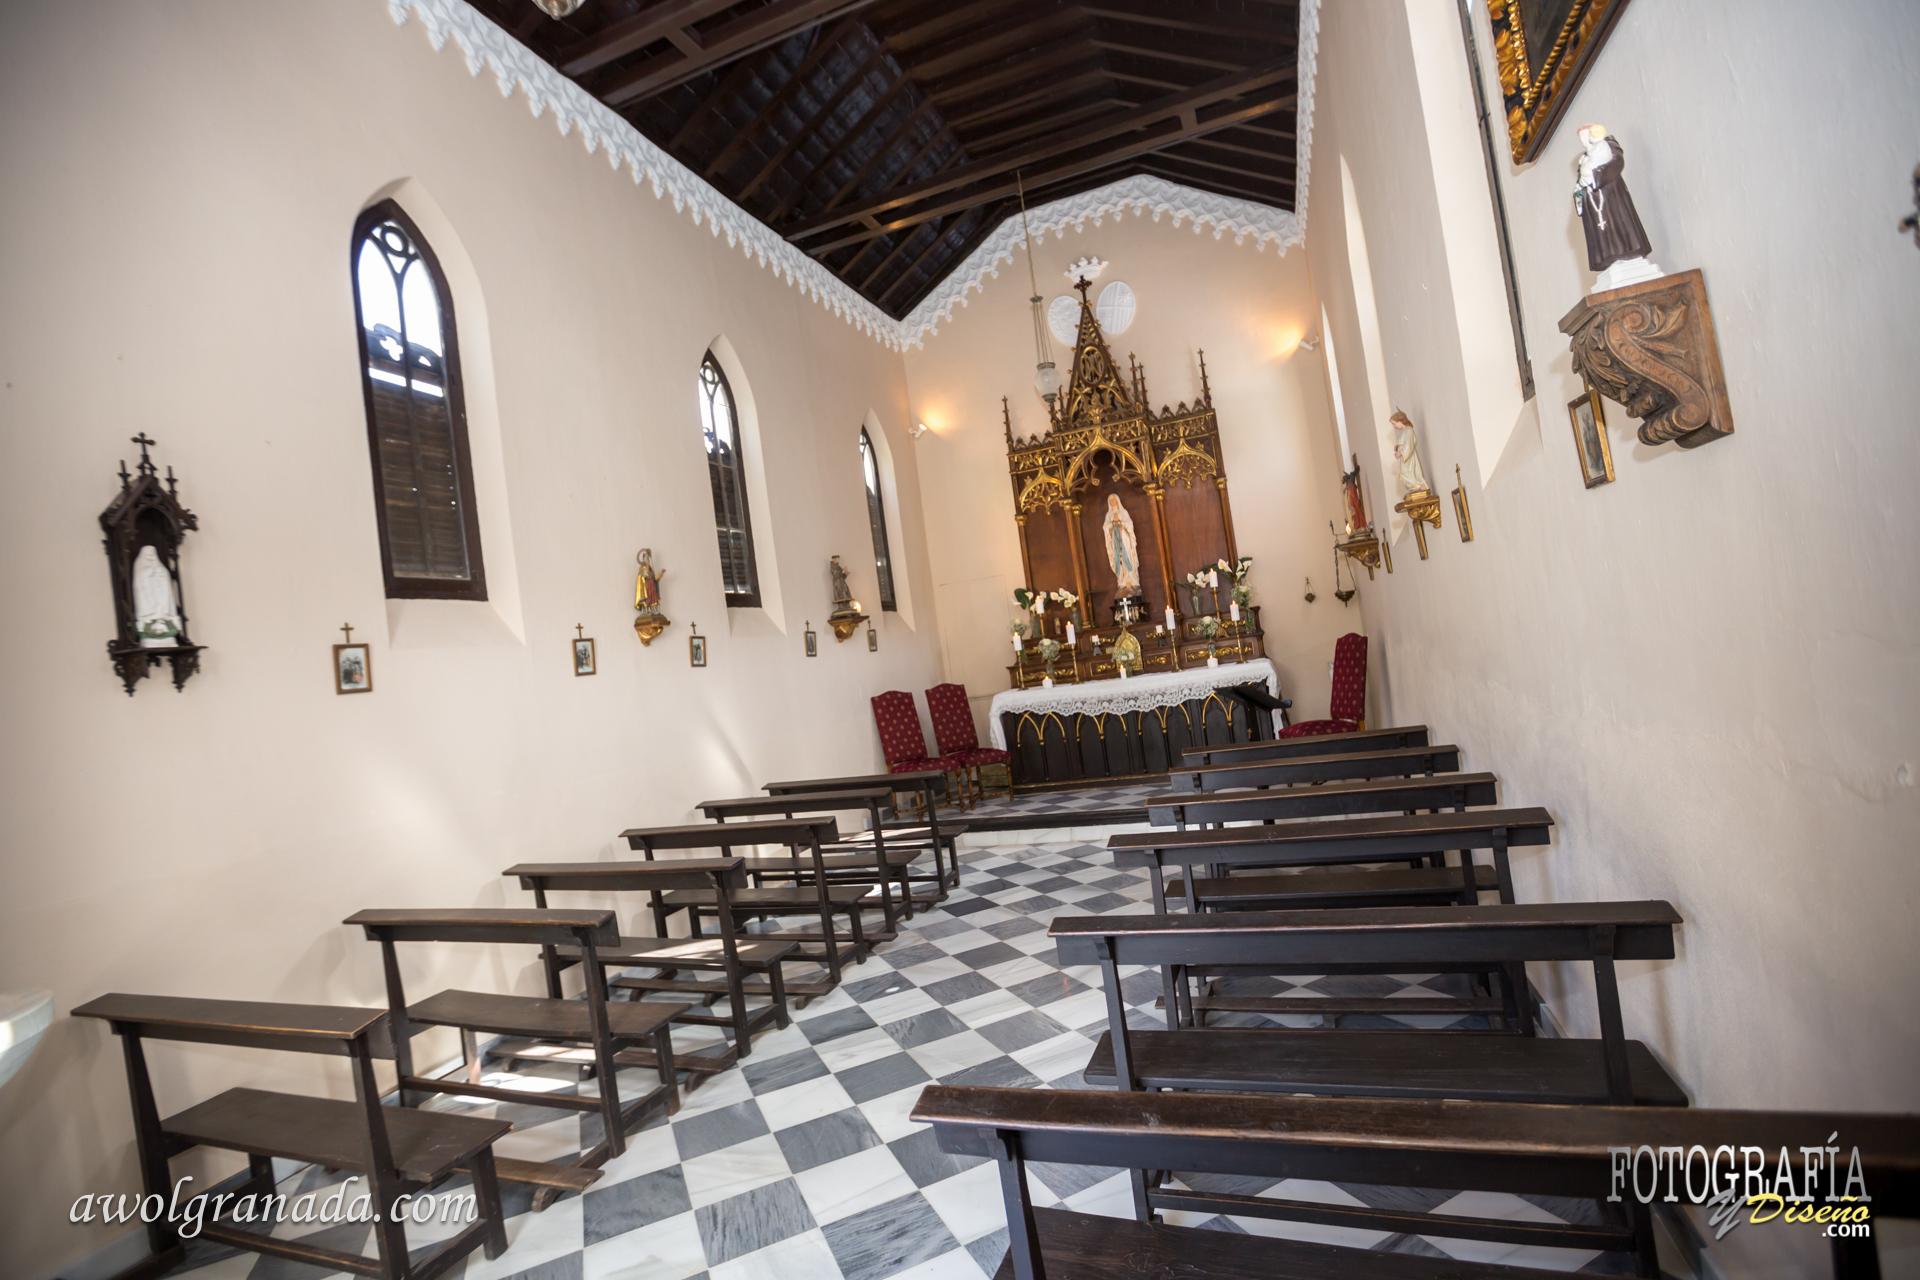 The Chapel at Palacete de Cazulas